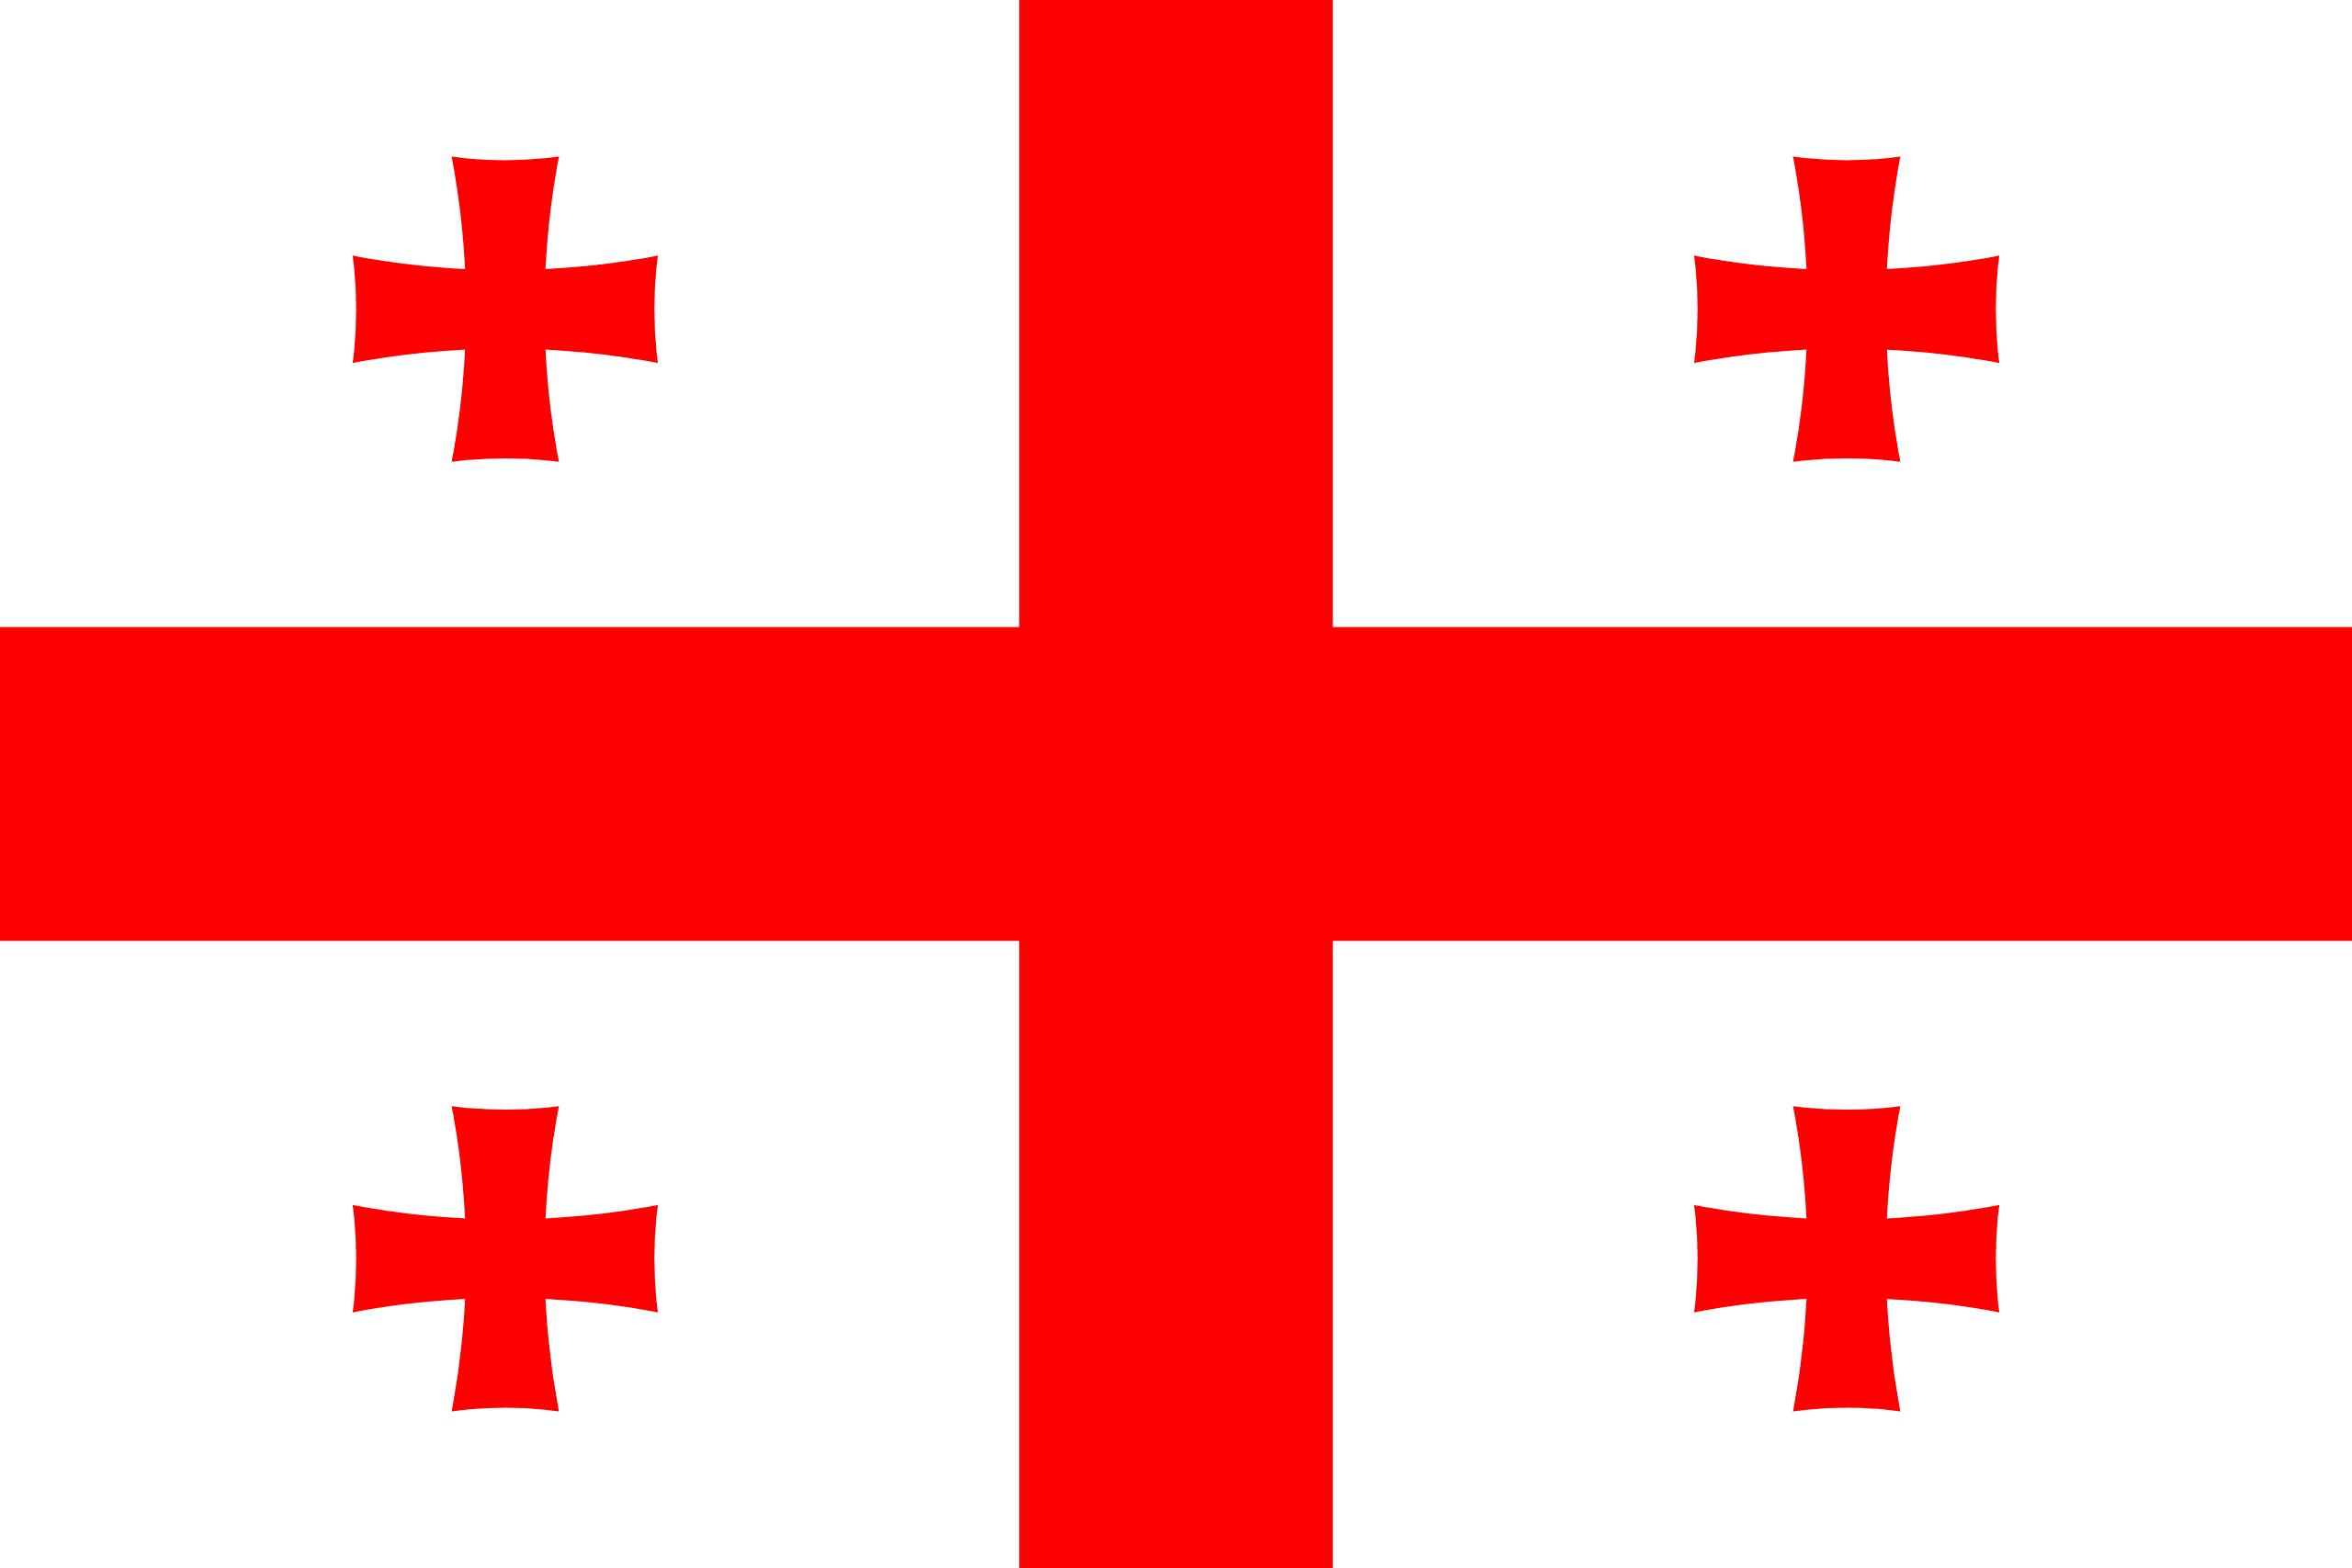 Σημαία Γεωργίας